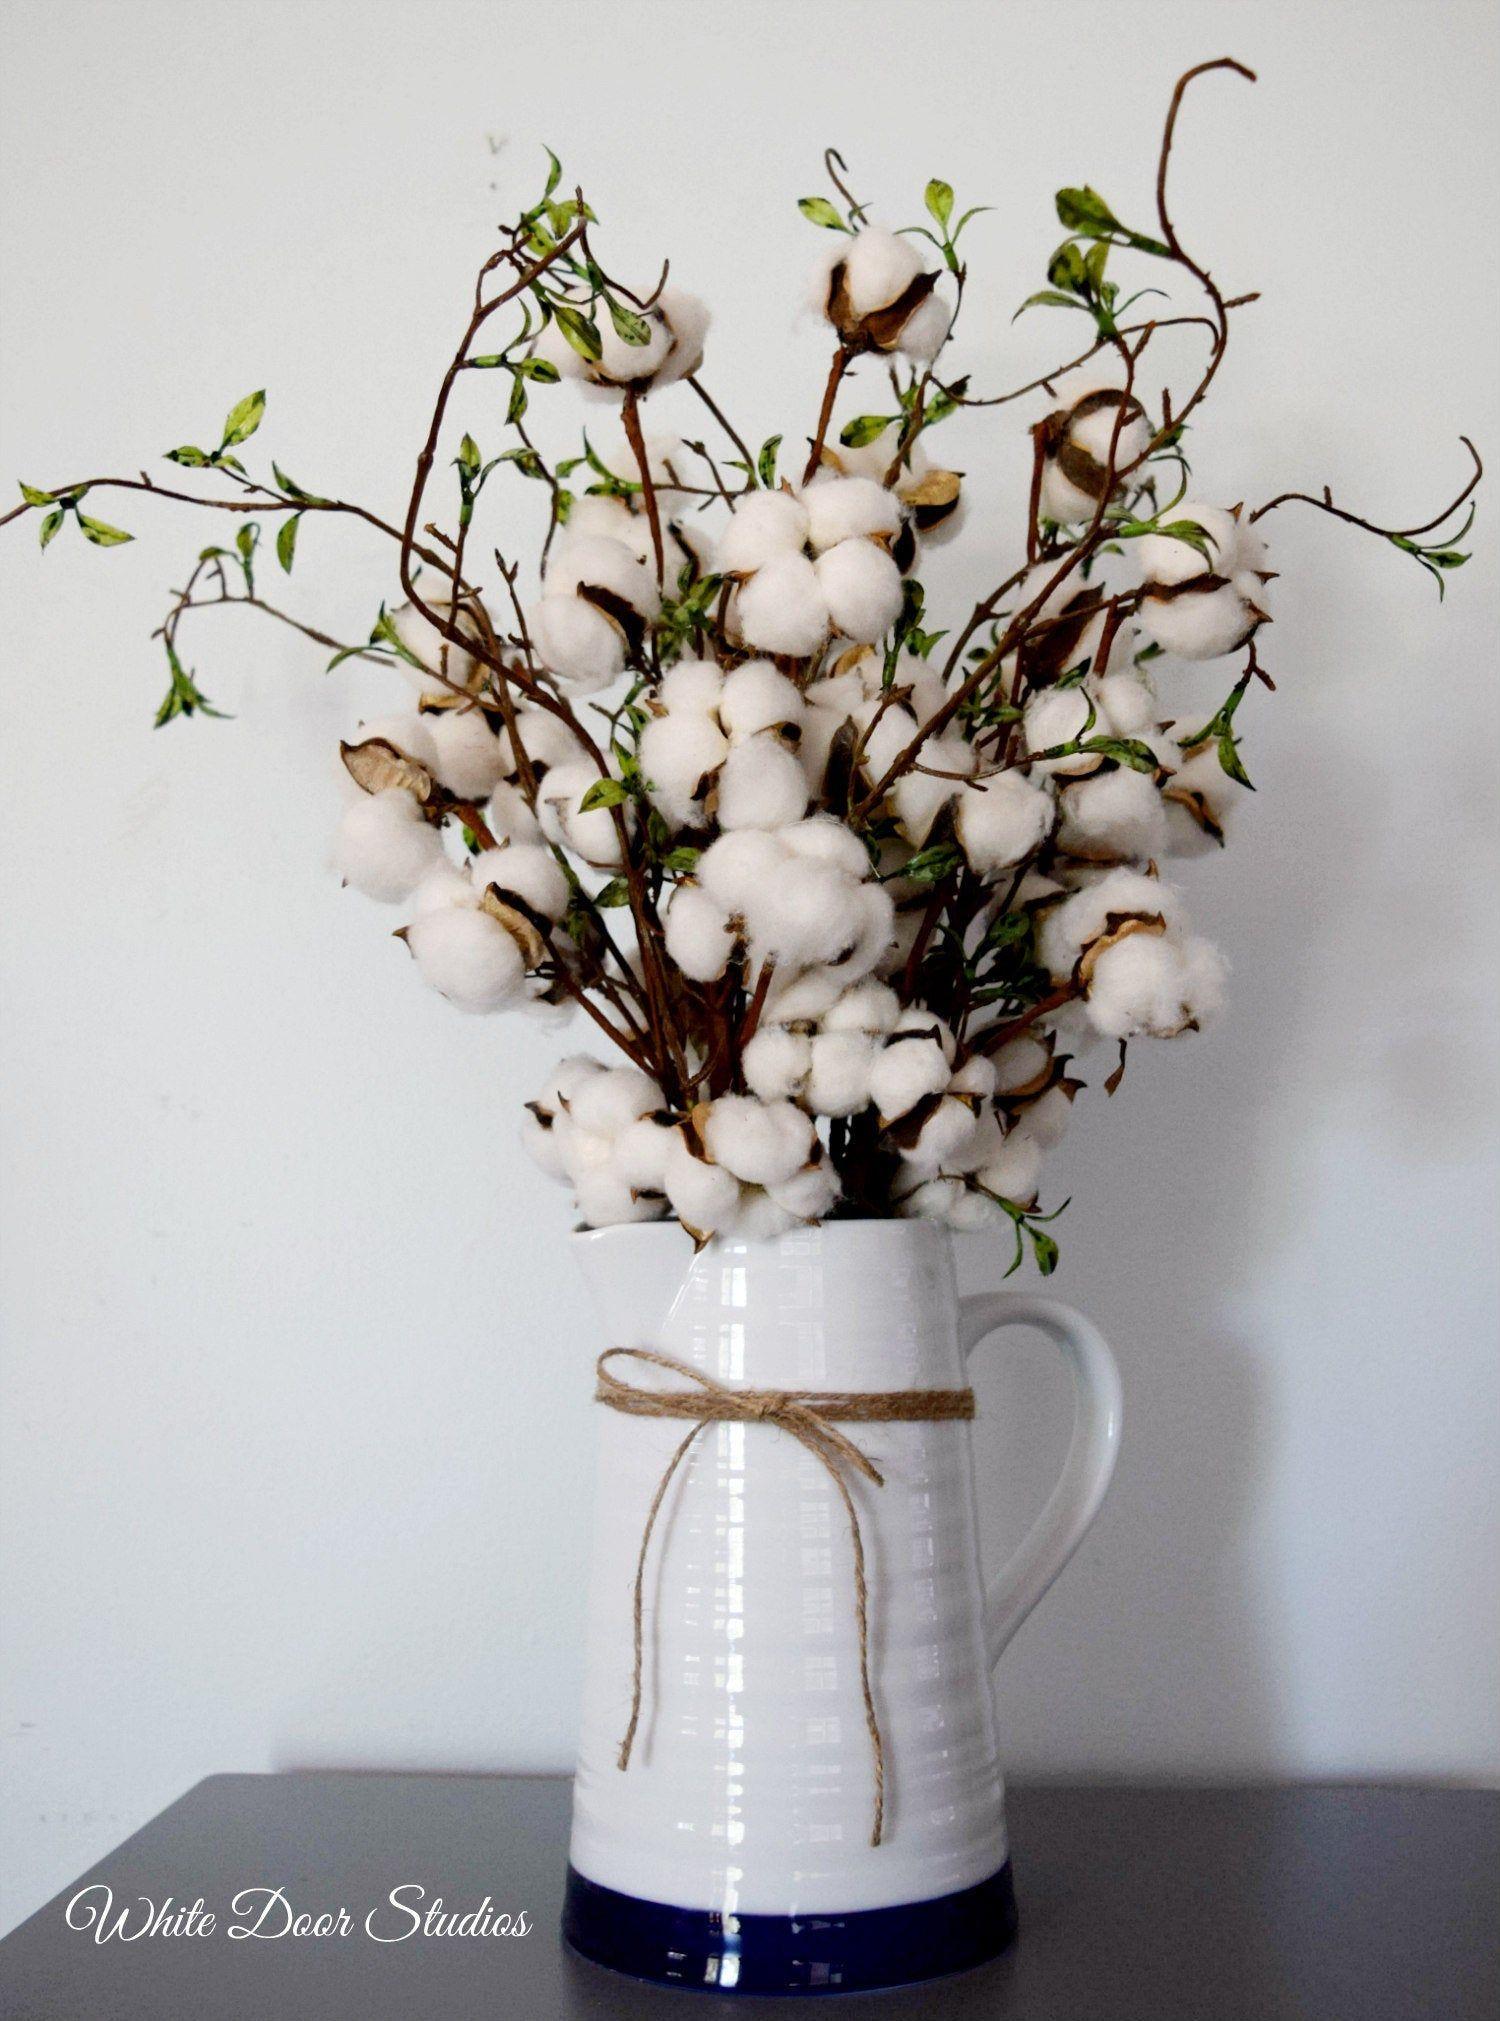 Lambs Ear Arrangement Cotton Stem Arrangement Lavender Arrangement Rustic Farmhouse Decor Arranjos De Flores Rusticos Flores Rusticas Almofadas Artesanais